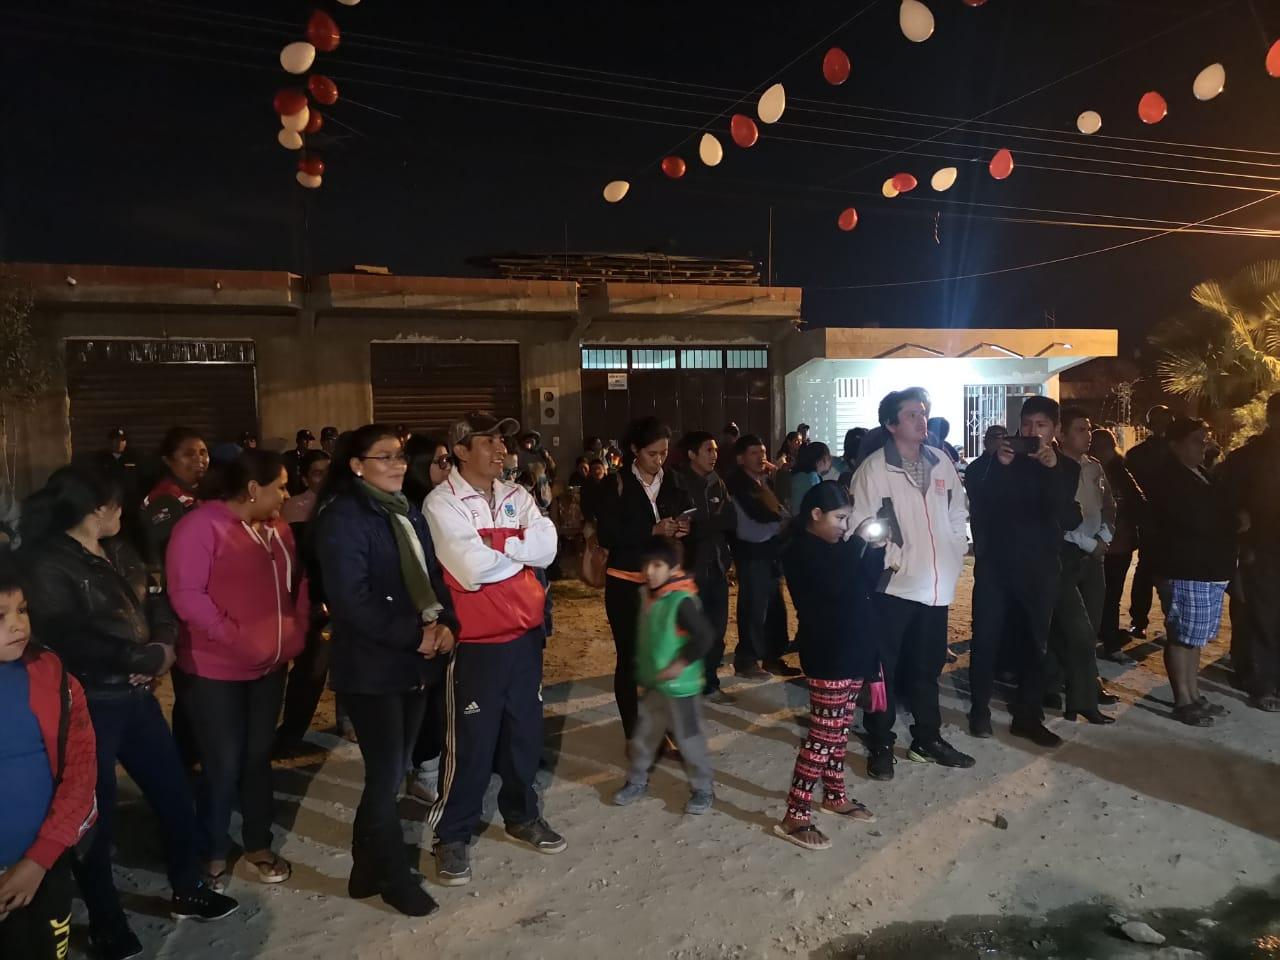 Invertirán más de 8.000.000 de bolivianos en el barrio Portillo Jardín de Tarija para servicios básicos